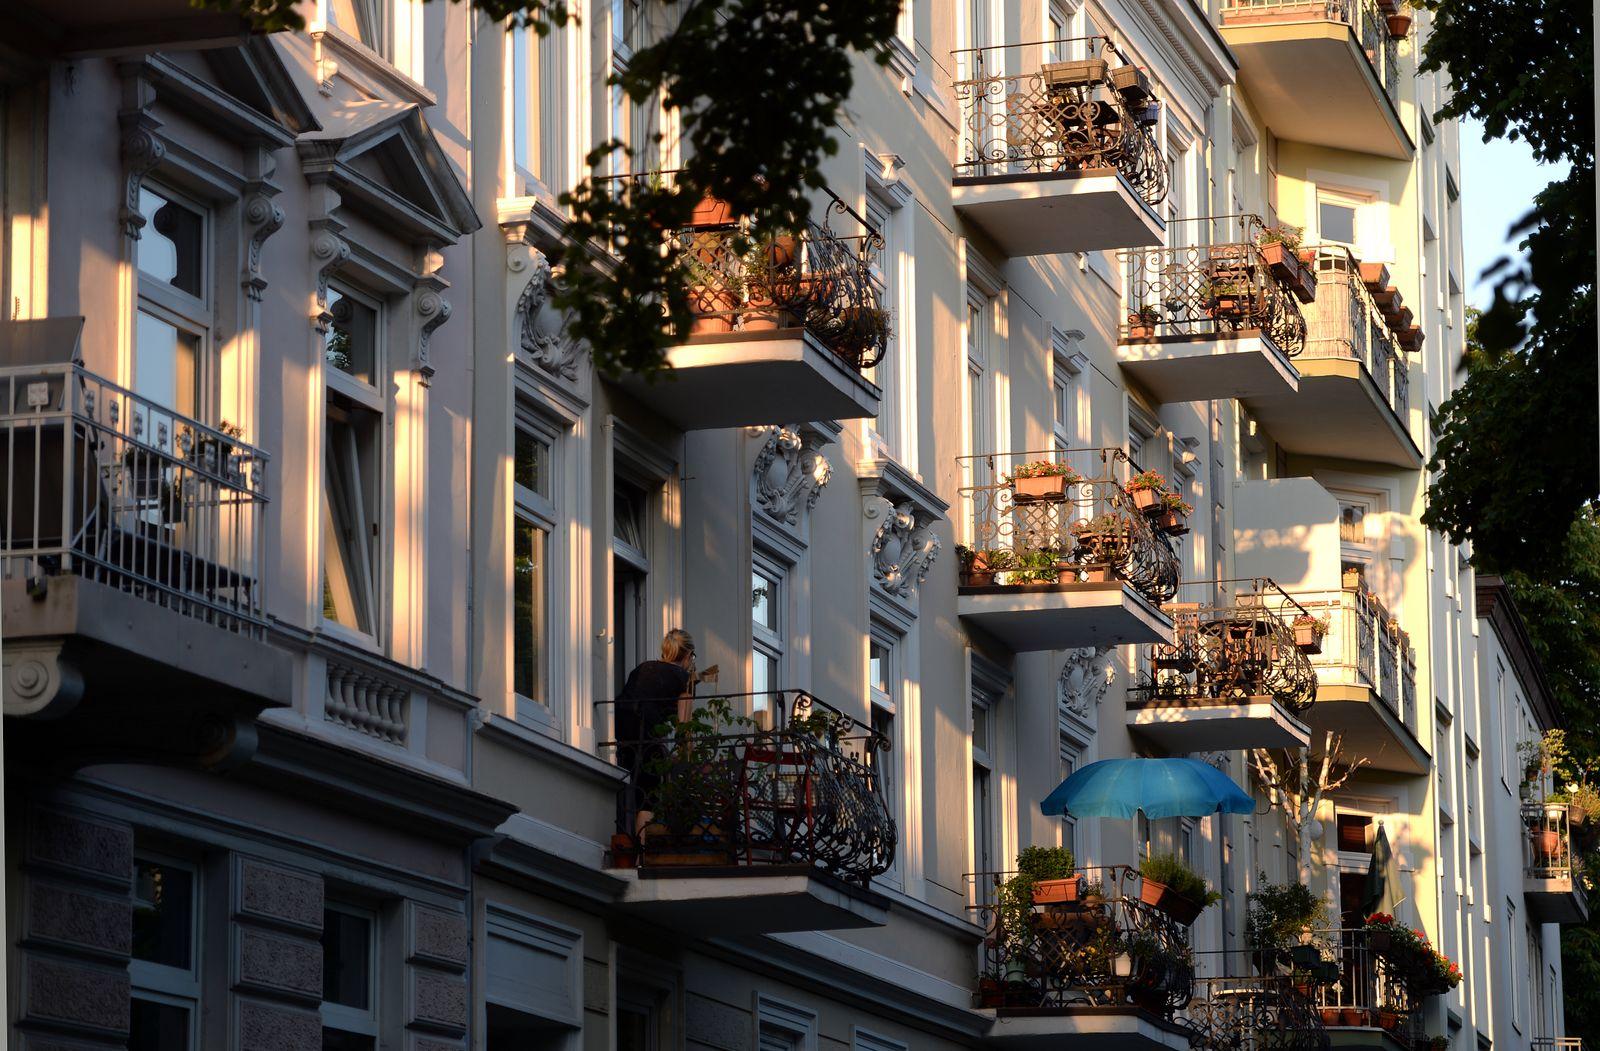 Mietwohnungen / Wohnungen / Immobilien / Eigenbedarf / Eigenbedarfskündigung / Mietwohnungen in Hamburg